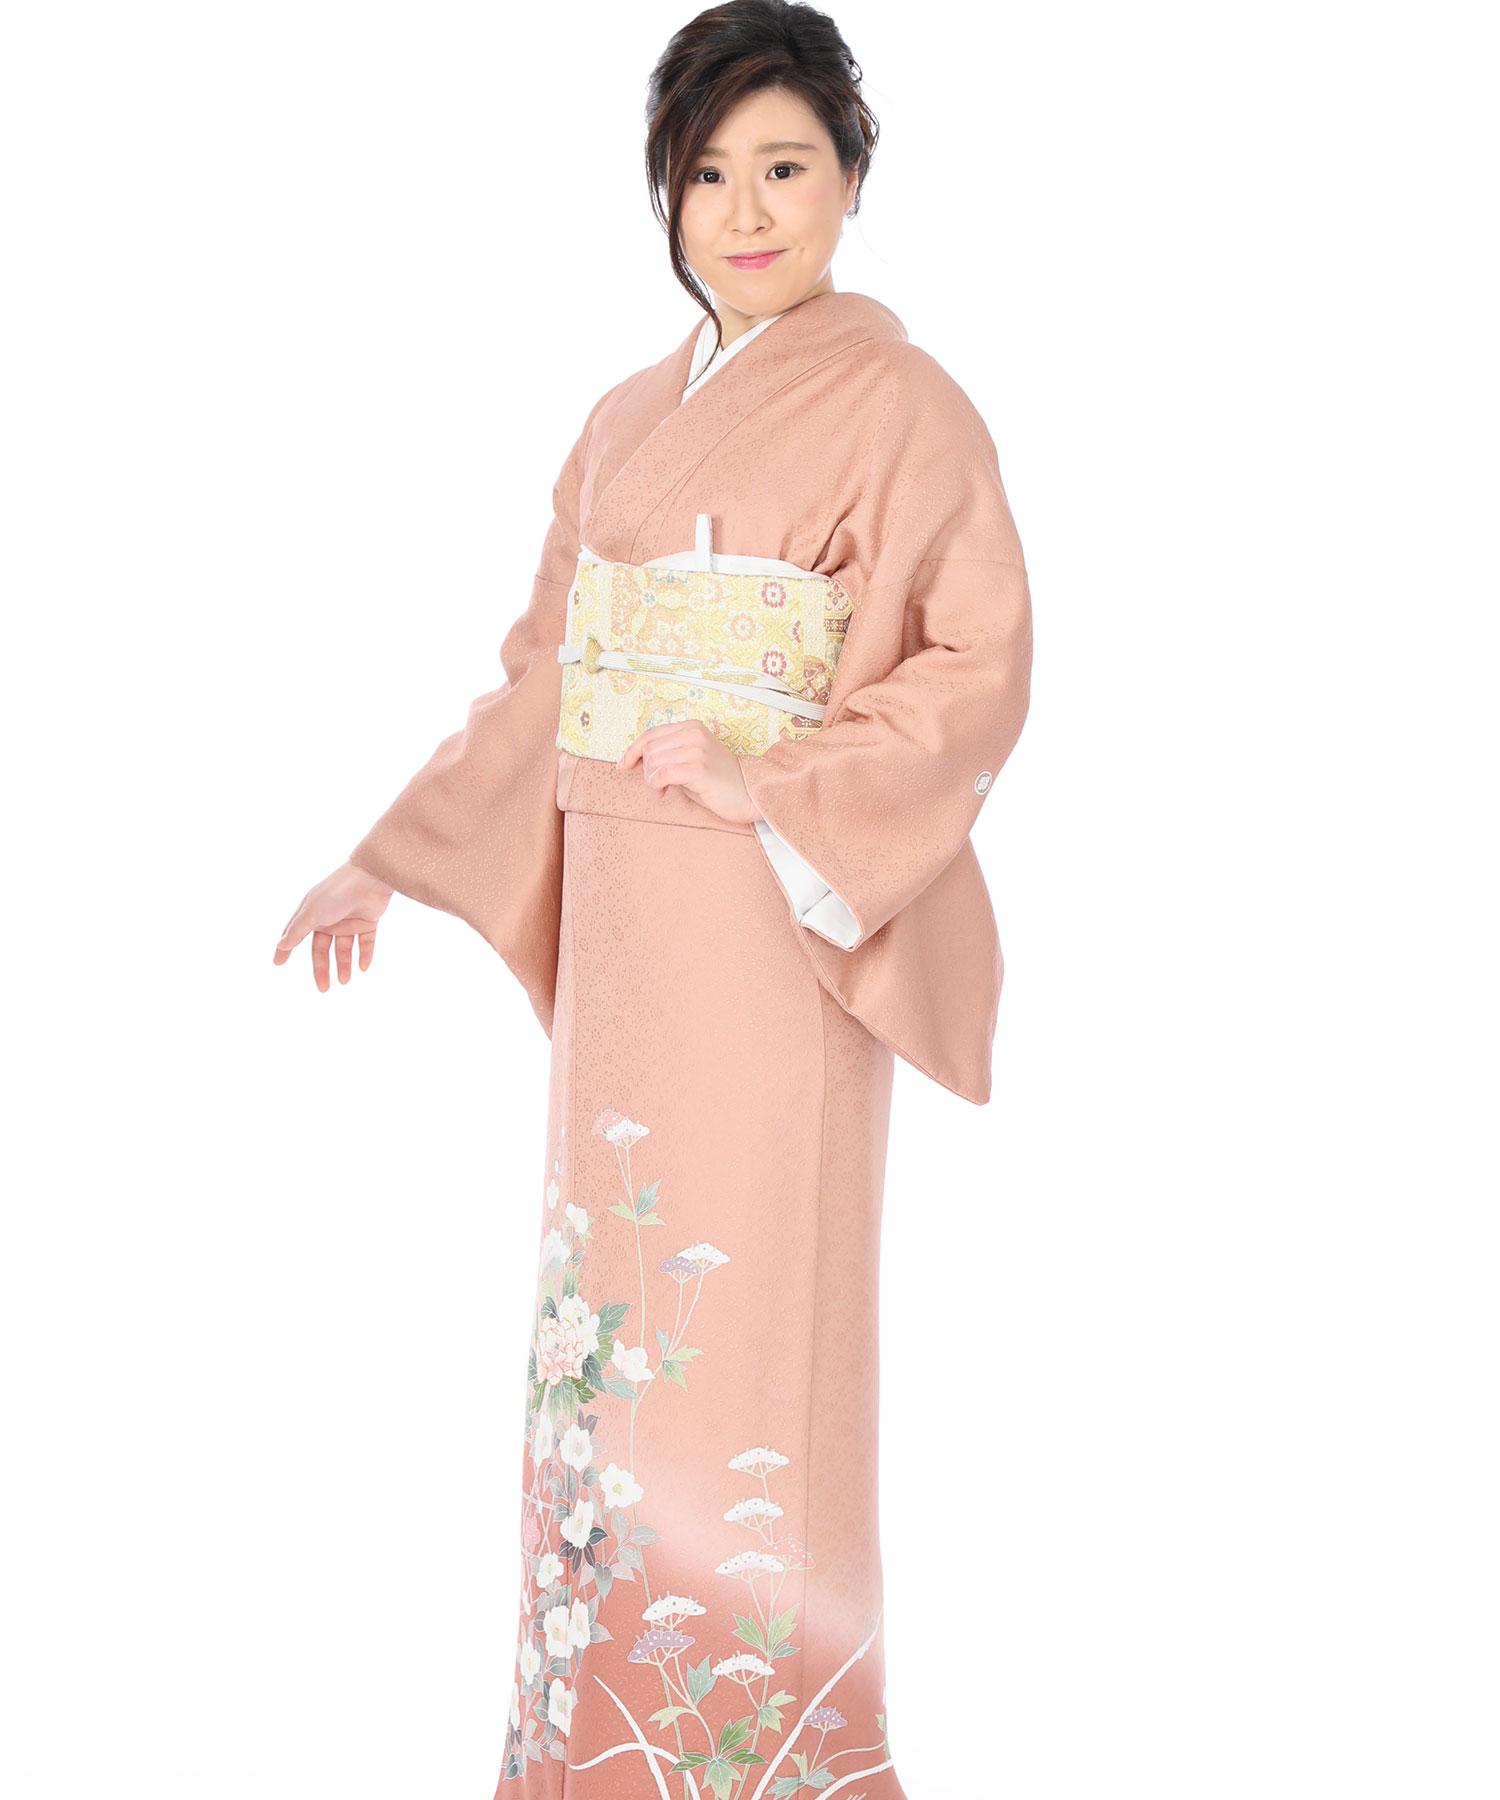 色留袖|ピンク地に梅と椿籠目|I0065|L